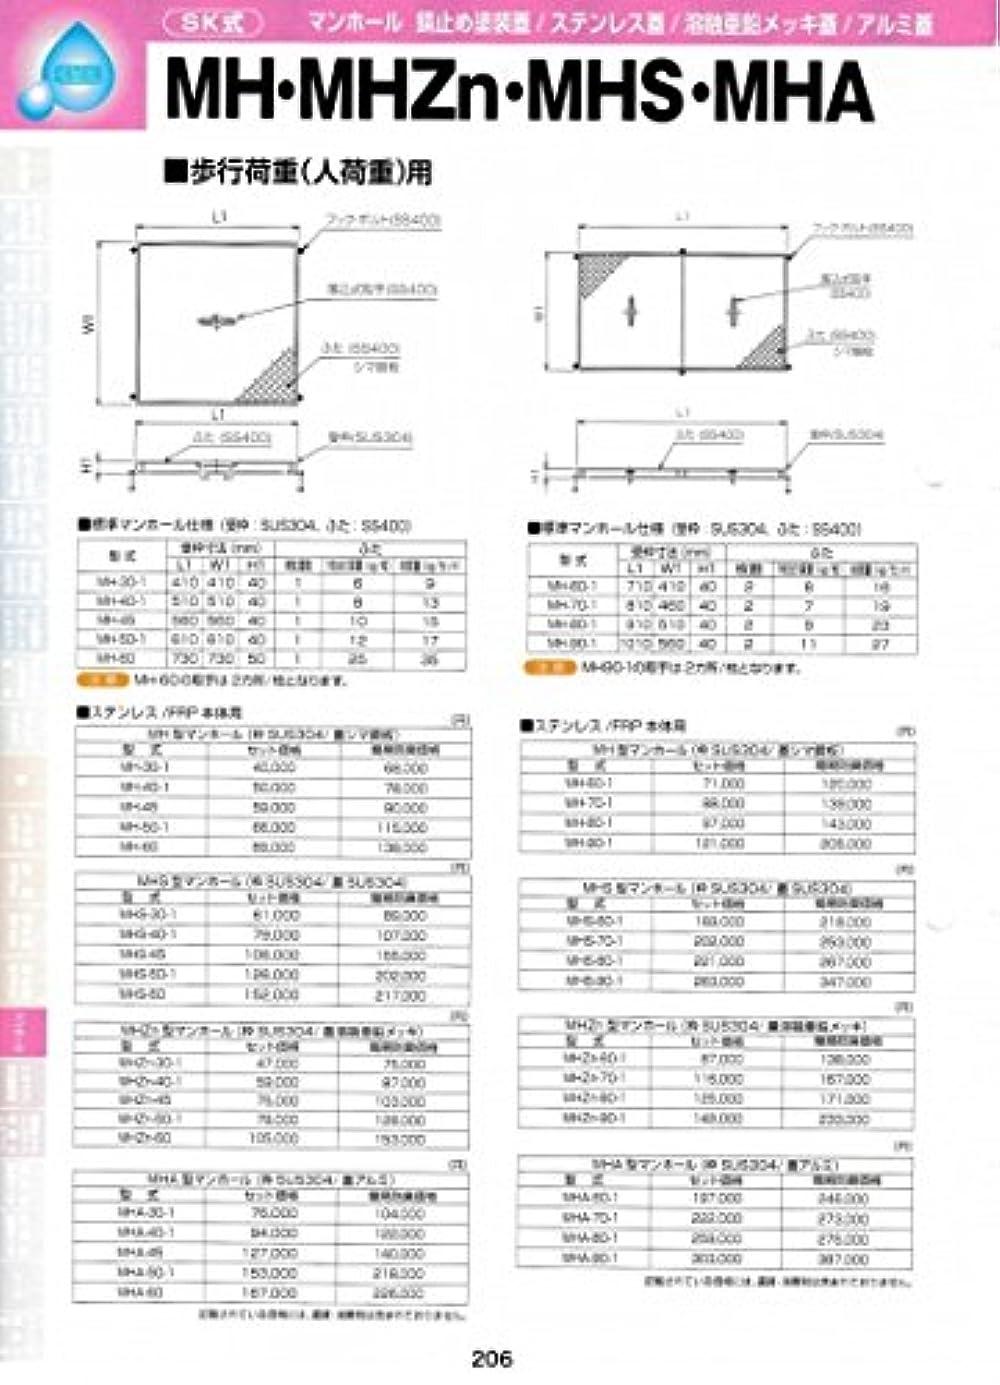 削減制限された虚偽MHA型マンホール(枠SUS304 / 蓋アルミ) MHA-100-1 セット価格